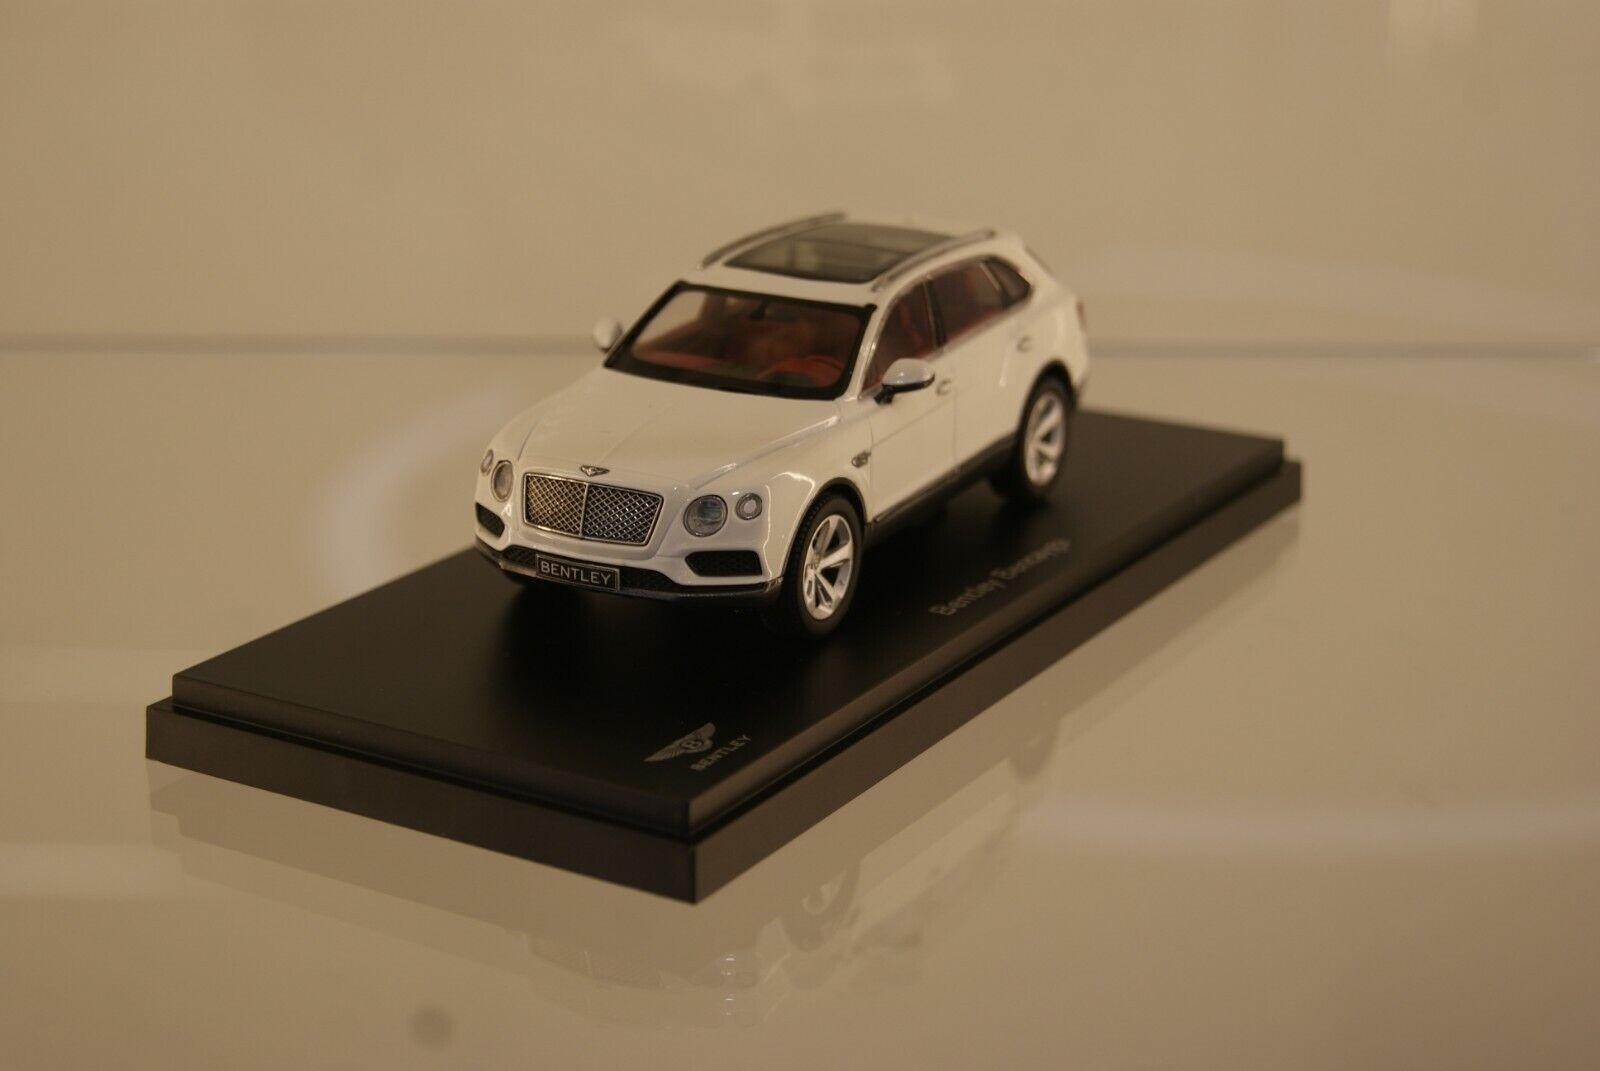 Genuine Bentley  1 43 Bentayga Model  achats en ligne de sport